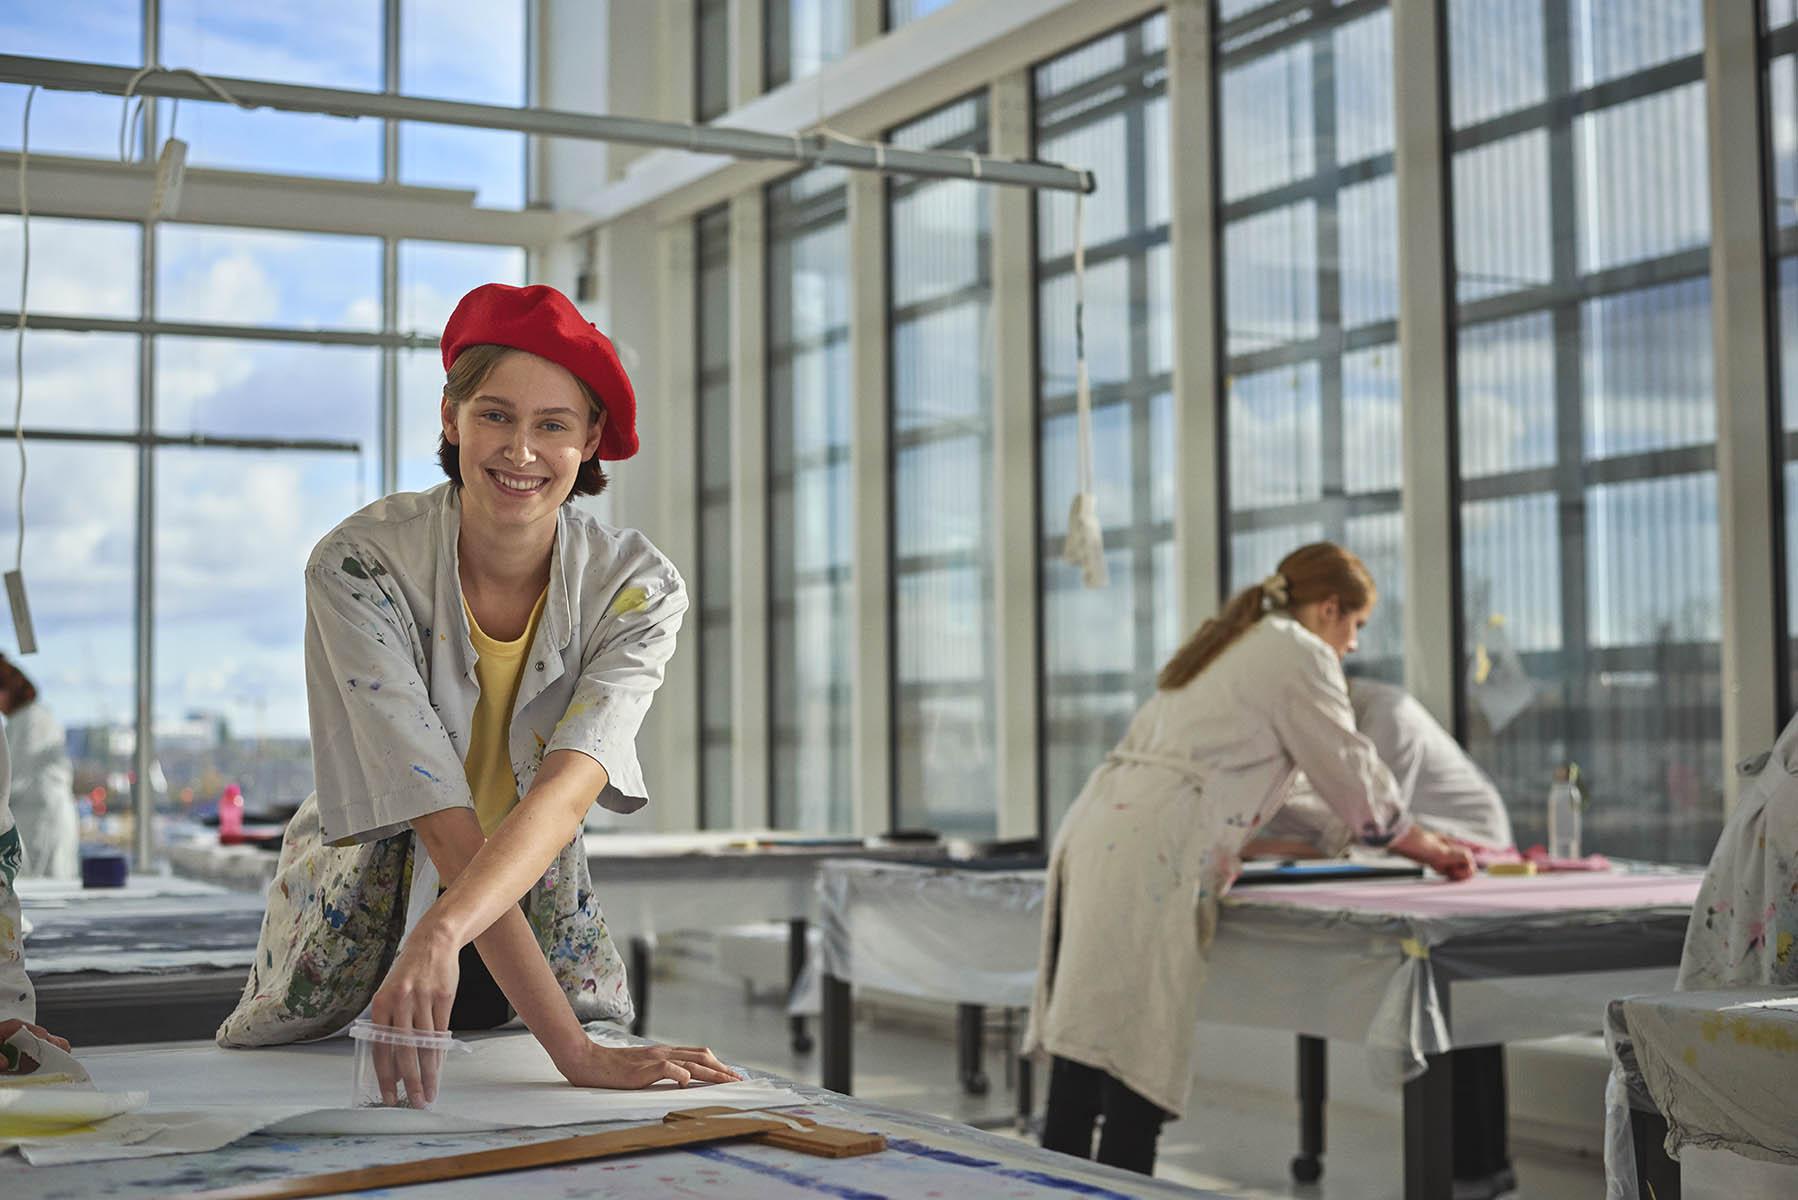 En studerende fra tekstilformidler-uddannelsen står i malerkittel i et lokale på Carlsberg Campus og optegner et mønster